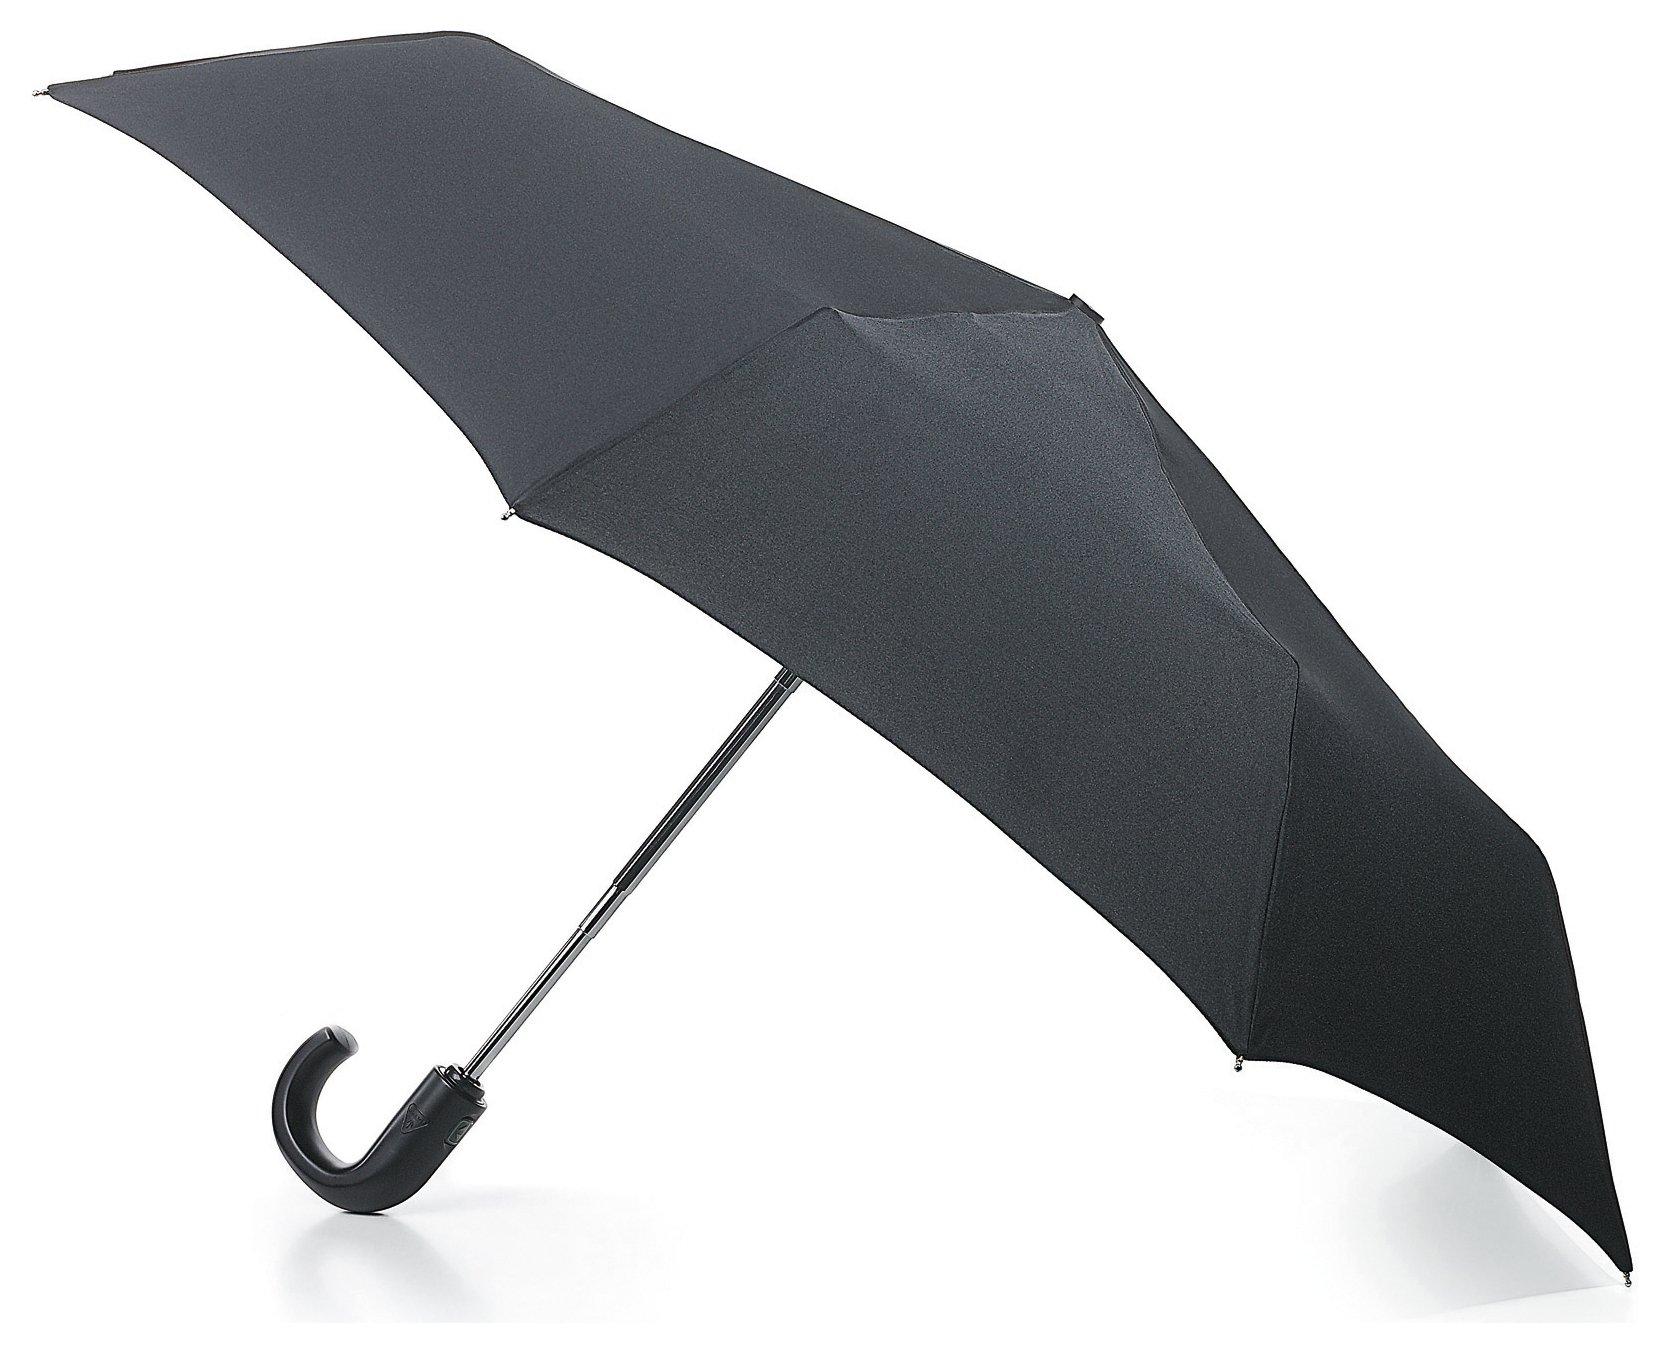 Fulton Open and Close Umbrella - Black